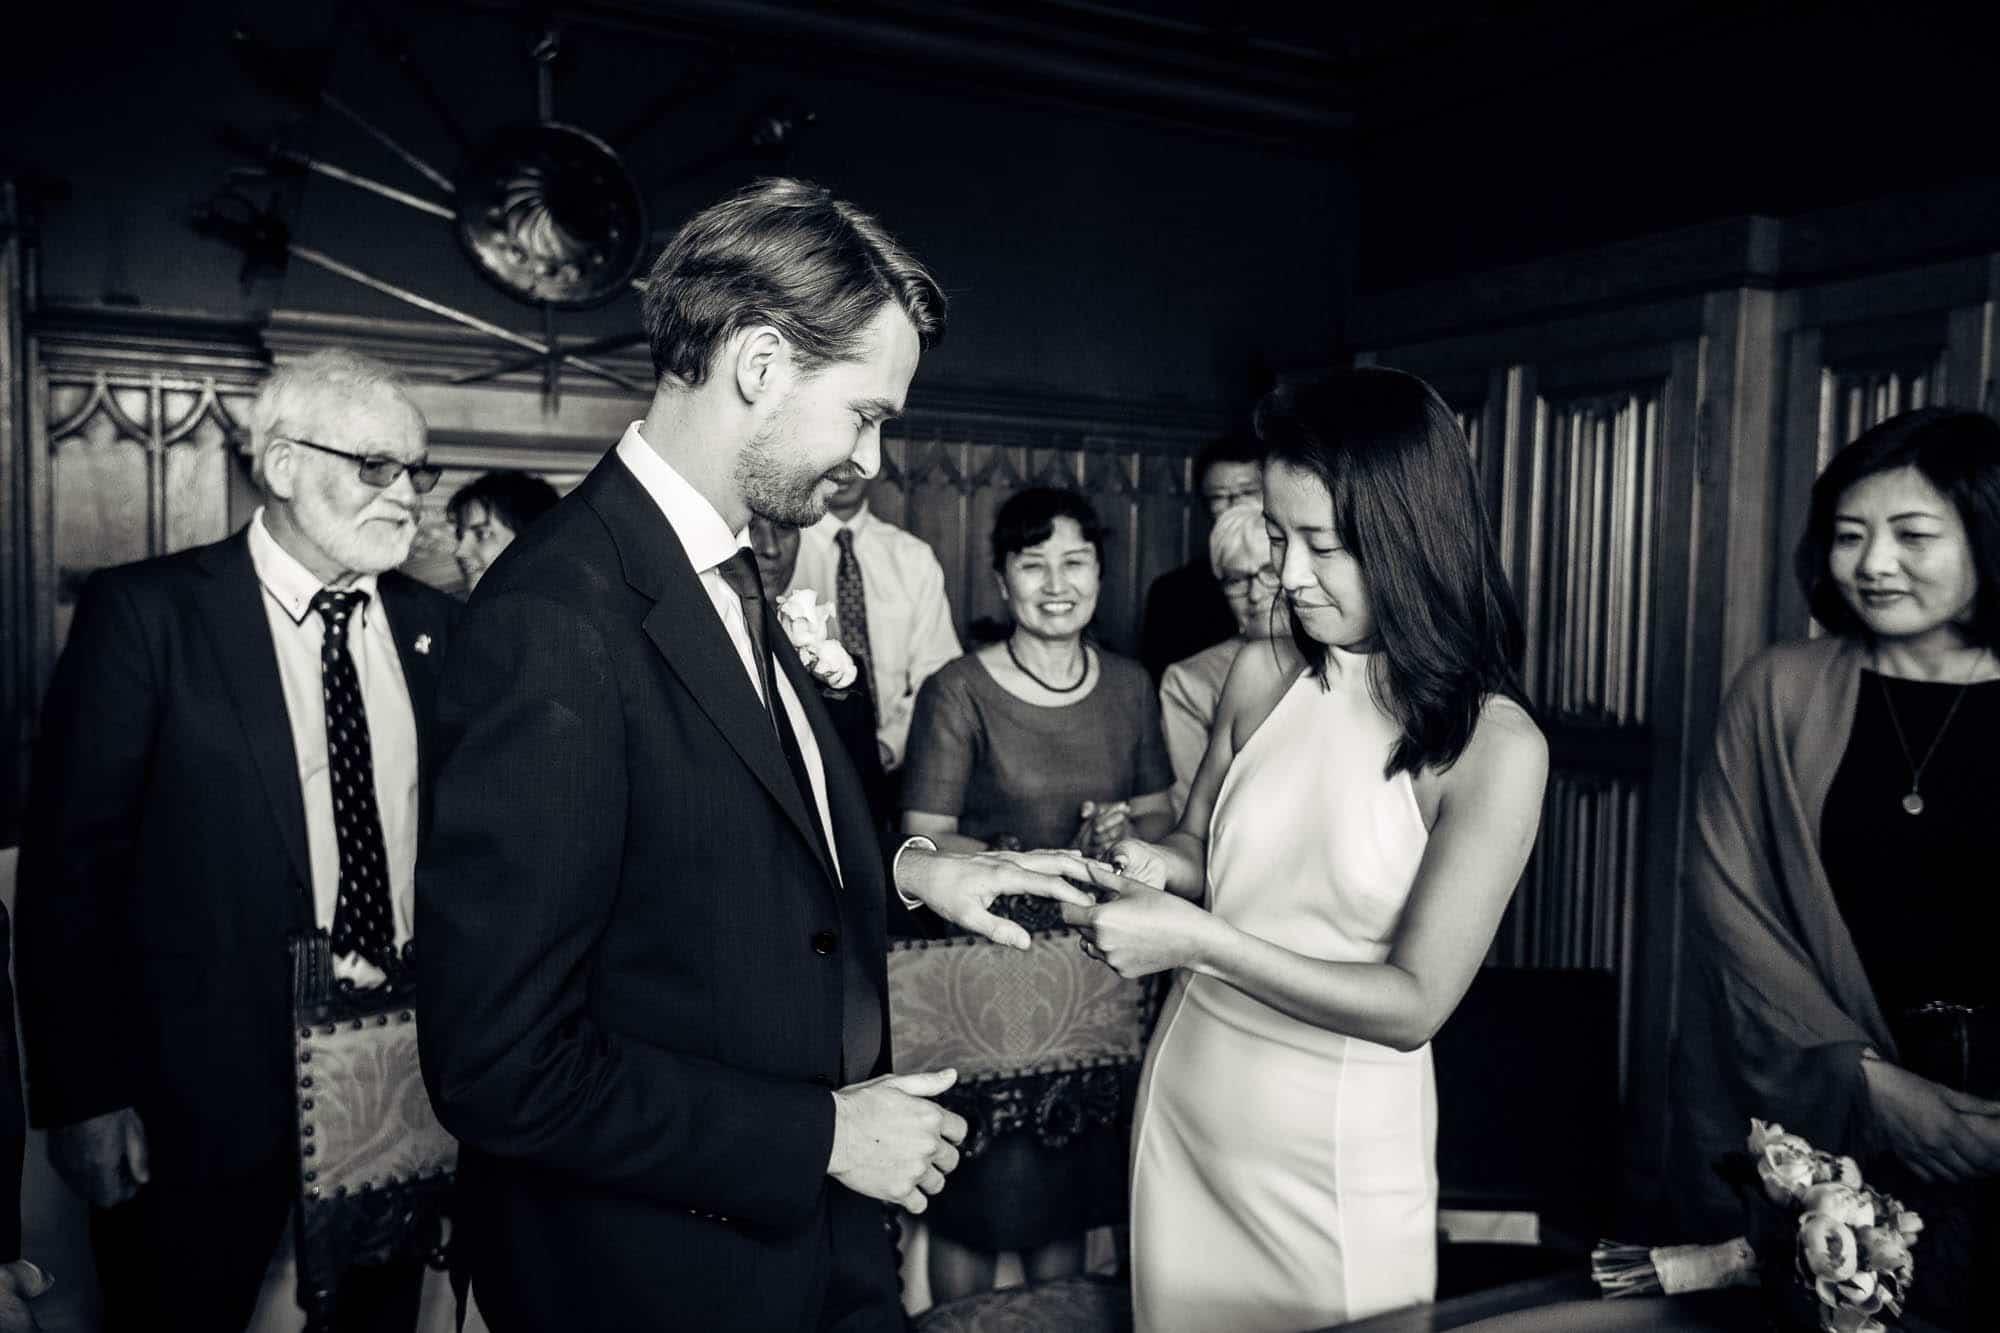 Asiatische Braut steckt Ehering dem Bräutigam an